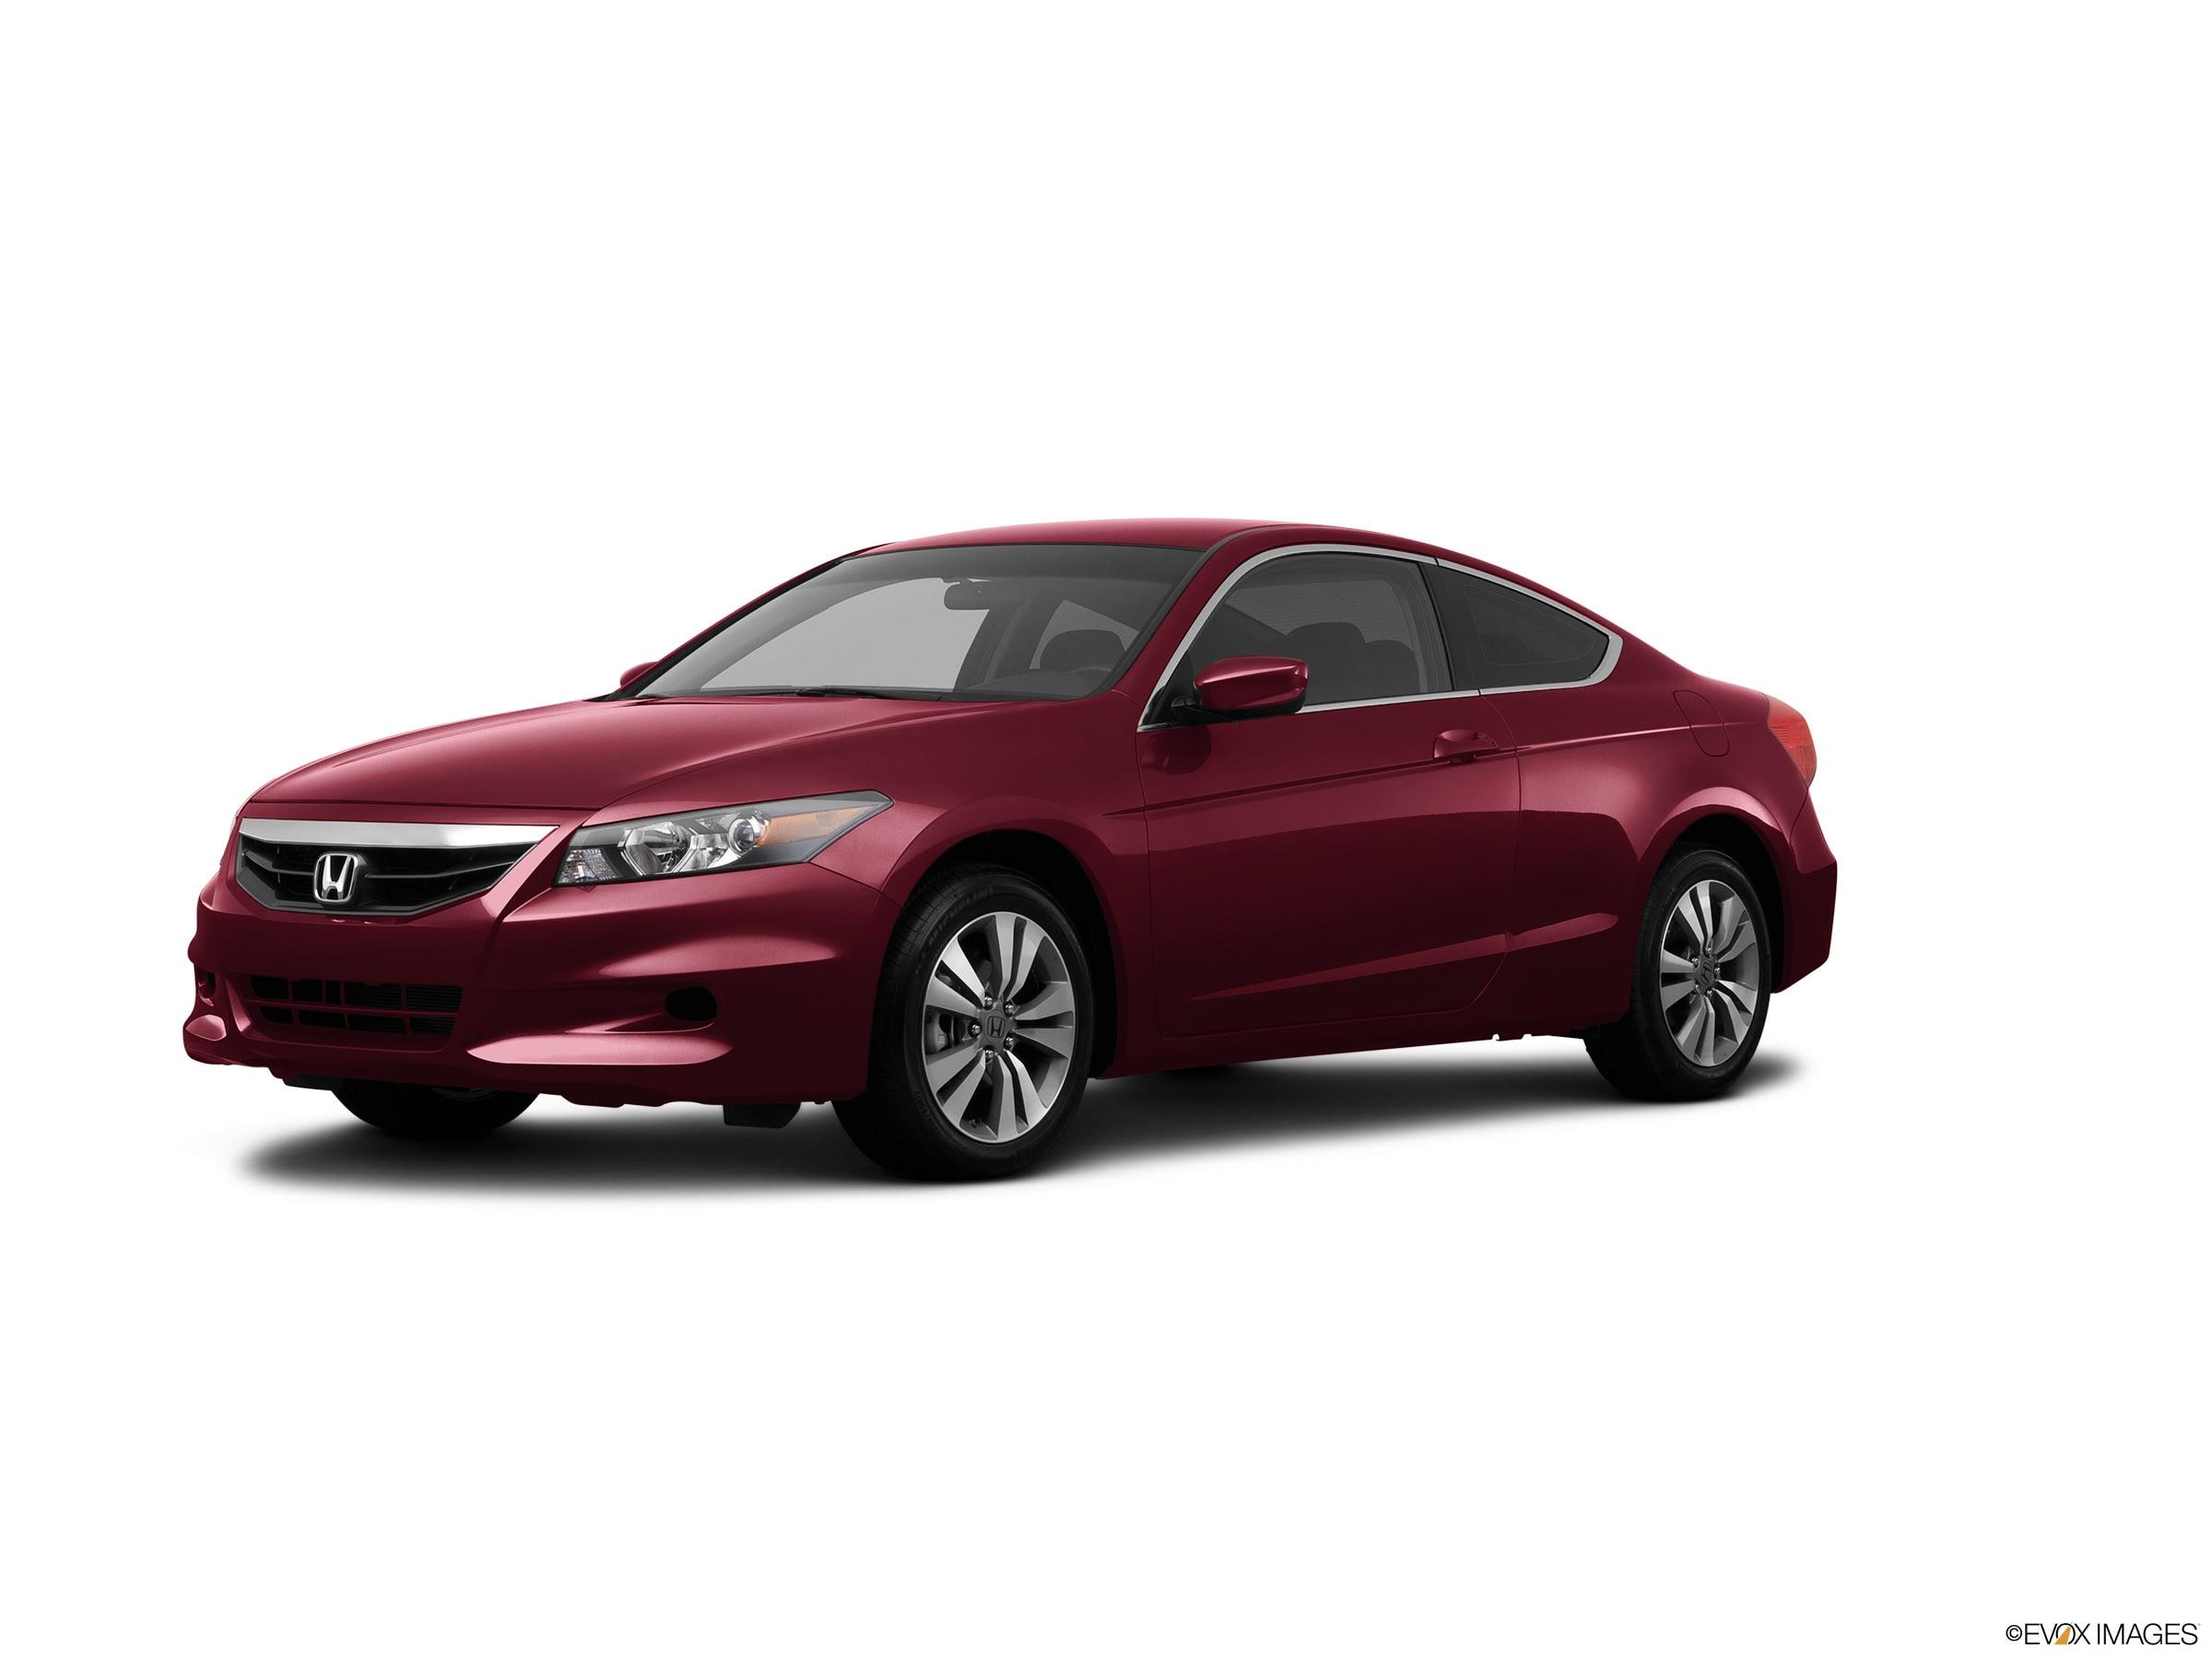 Used 2012 Honda Accord Lx S For Sale In Philadelphia Pa Vin 1hgcs1b3xca021314